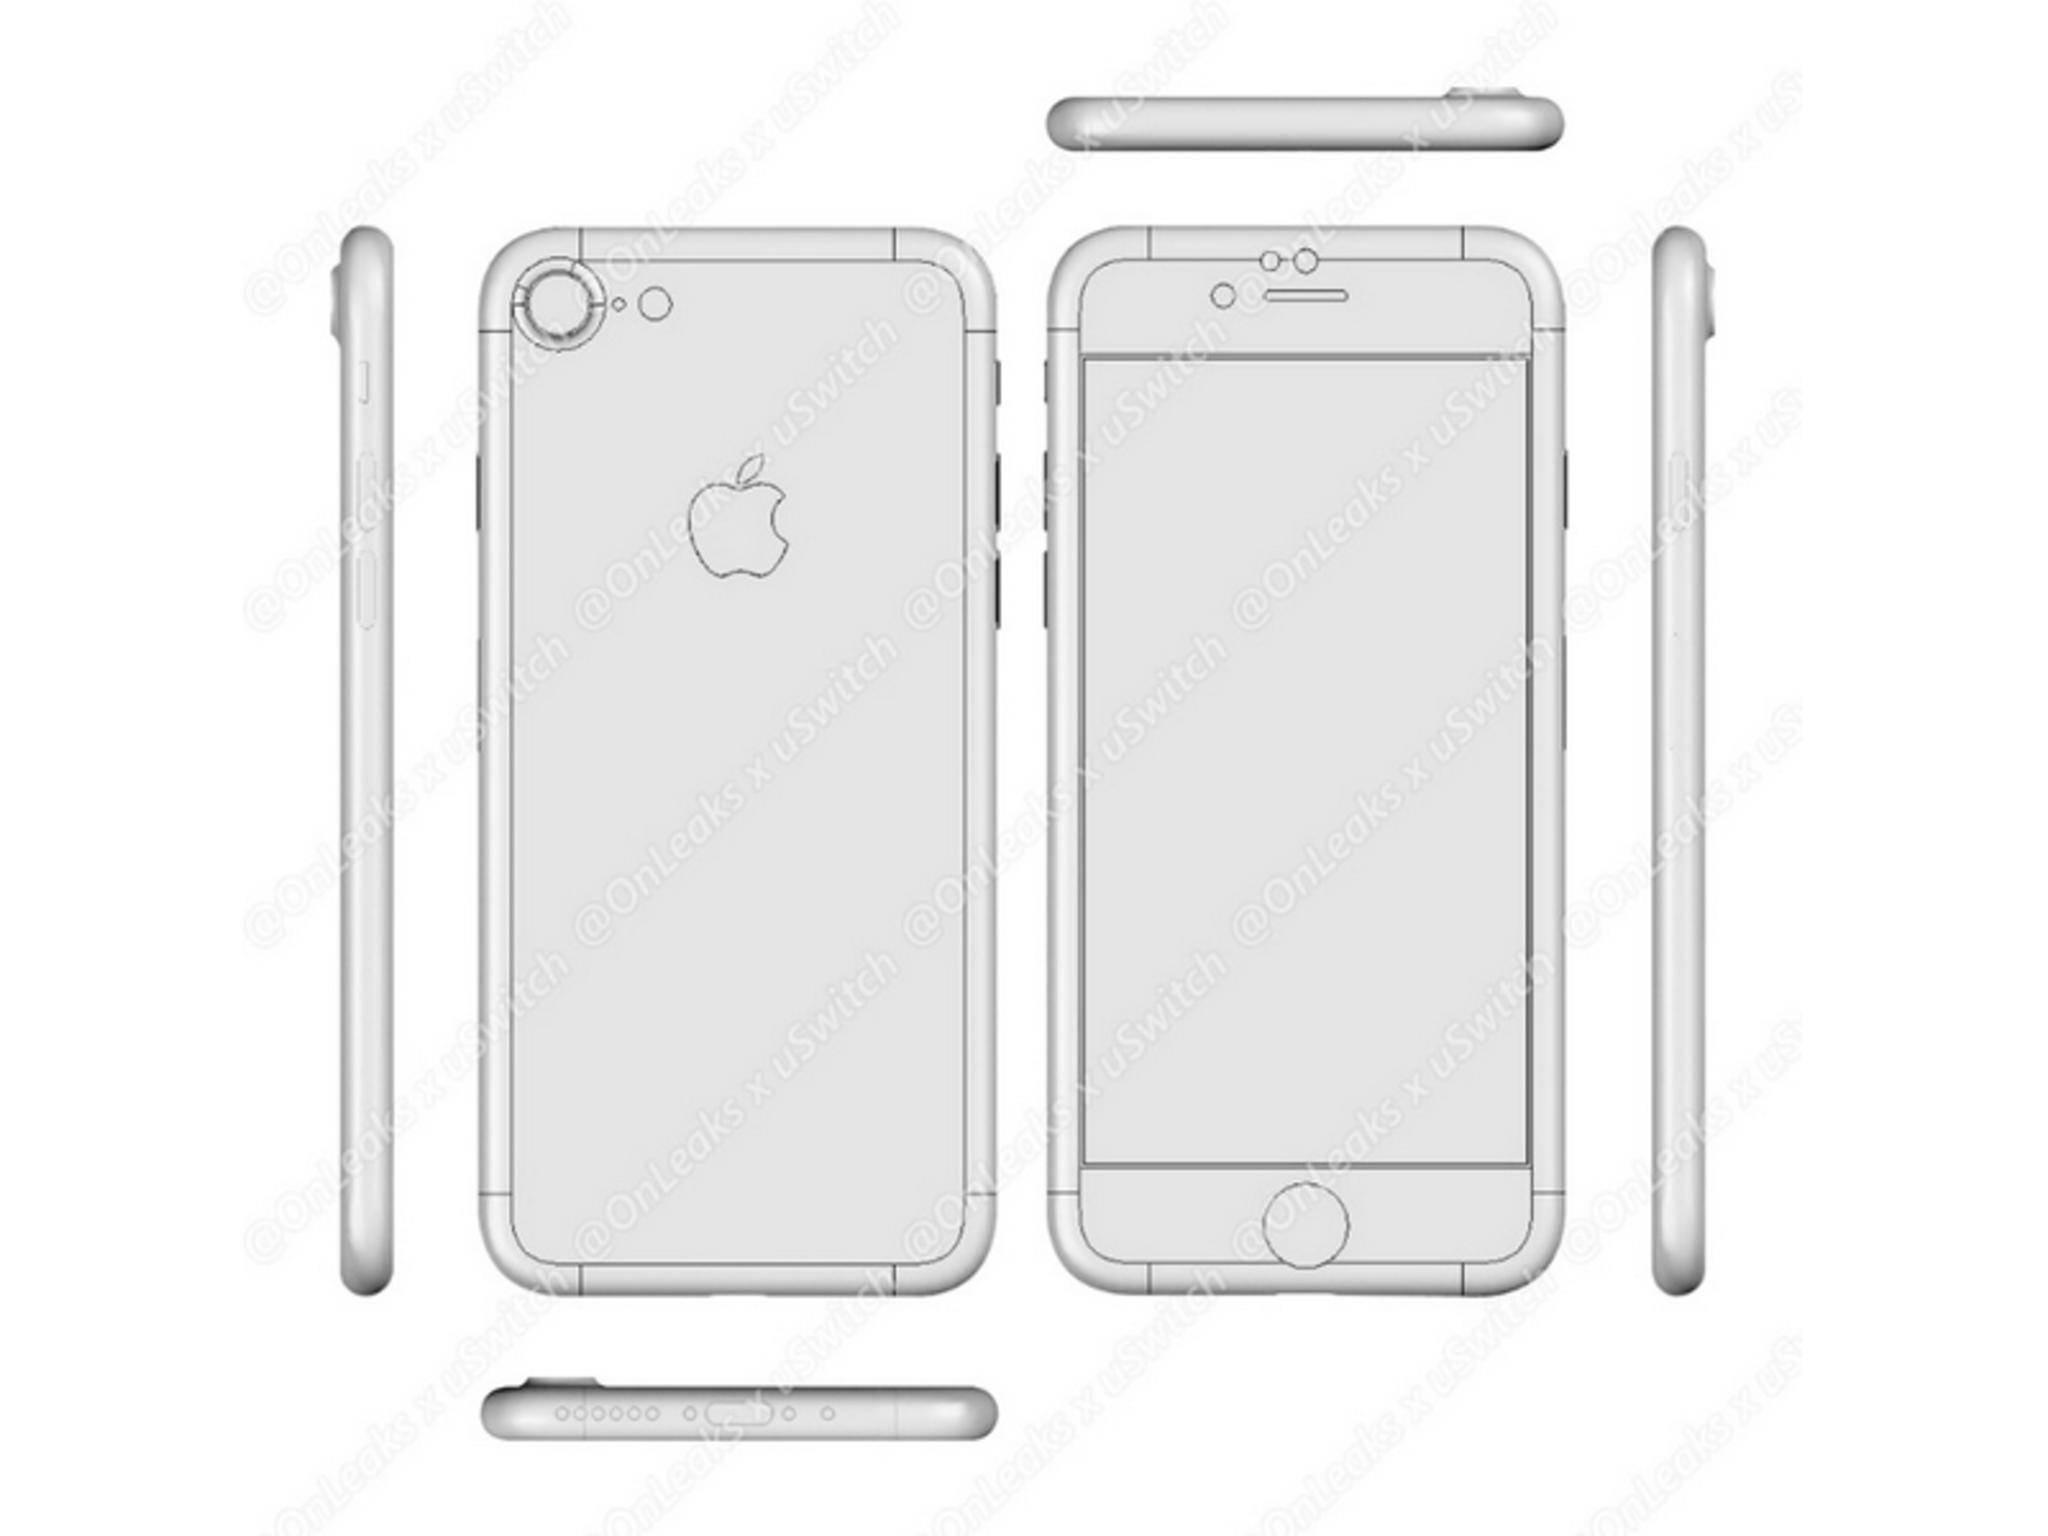 Das iPhone 7 mit größerer Kamera.